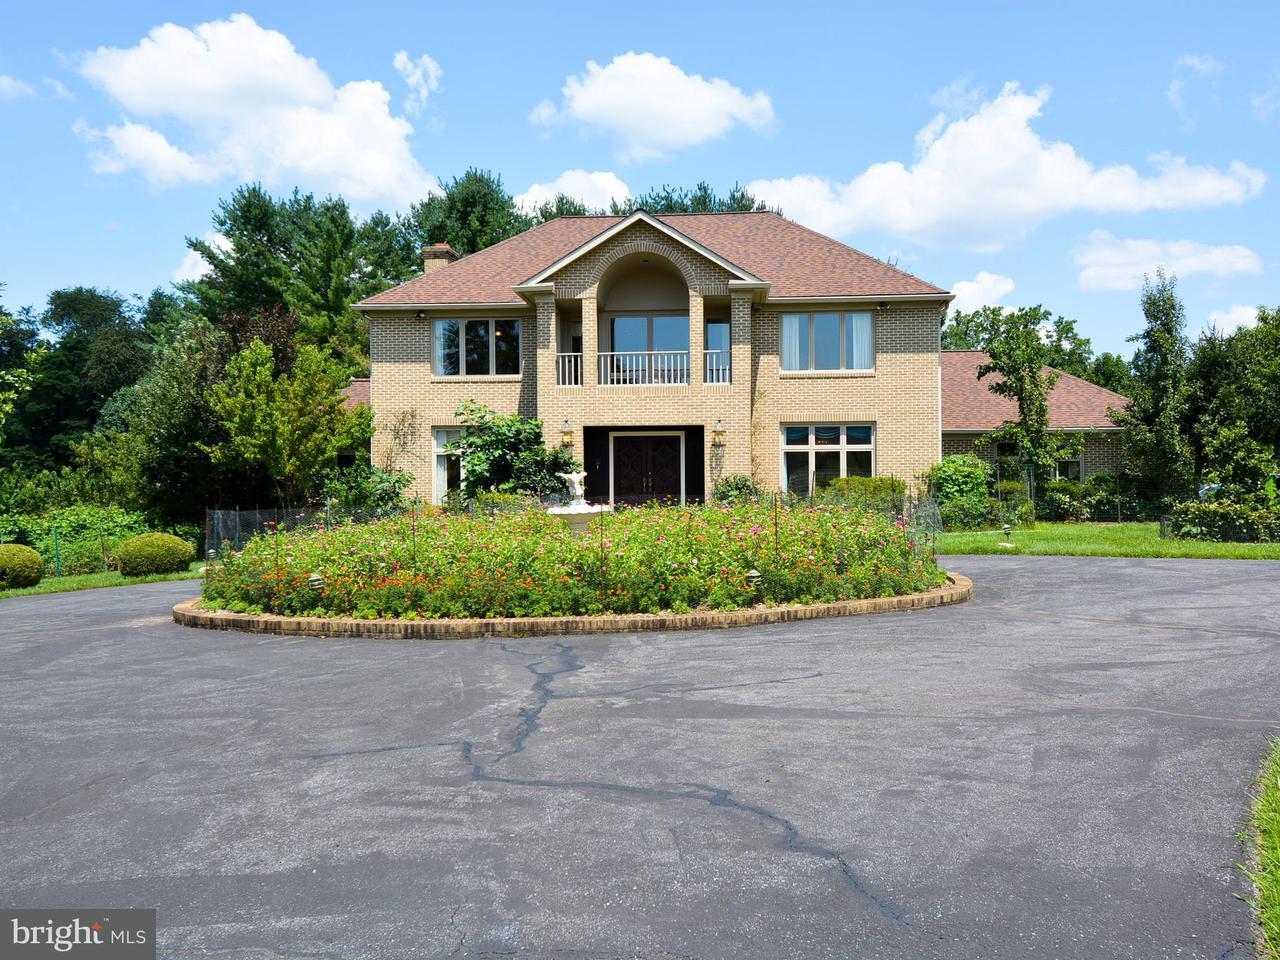 Single Family Home for Sale at 13113 BRUSHWOOD WAY 13113 BRUSHWOOD WAY Rockville, Maryland 20854 United States